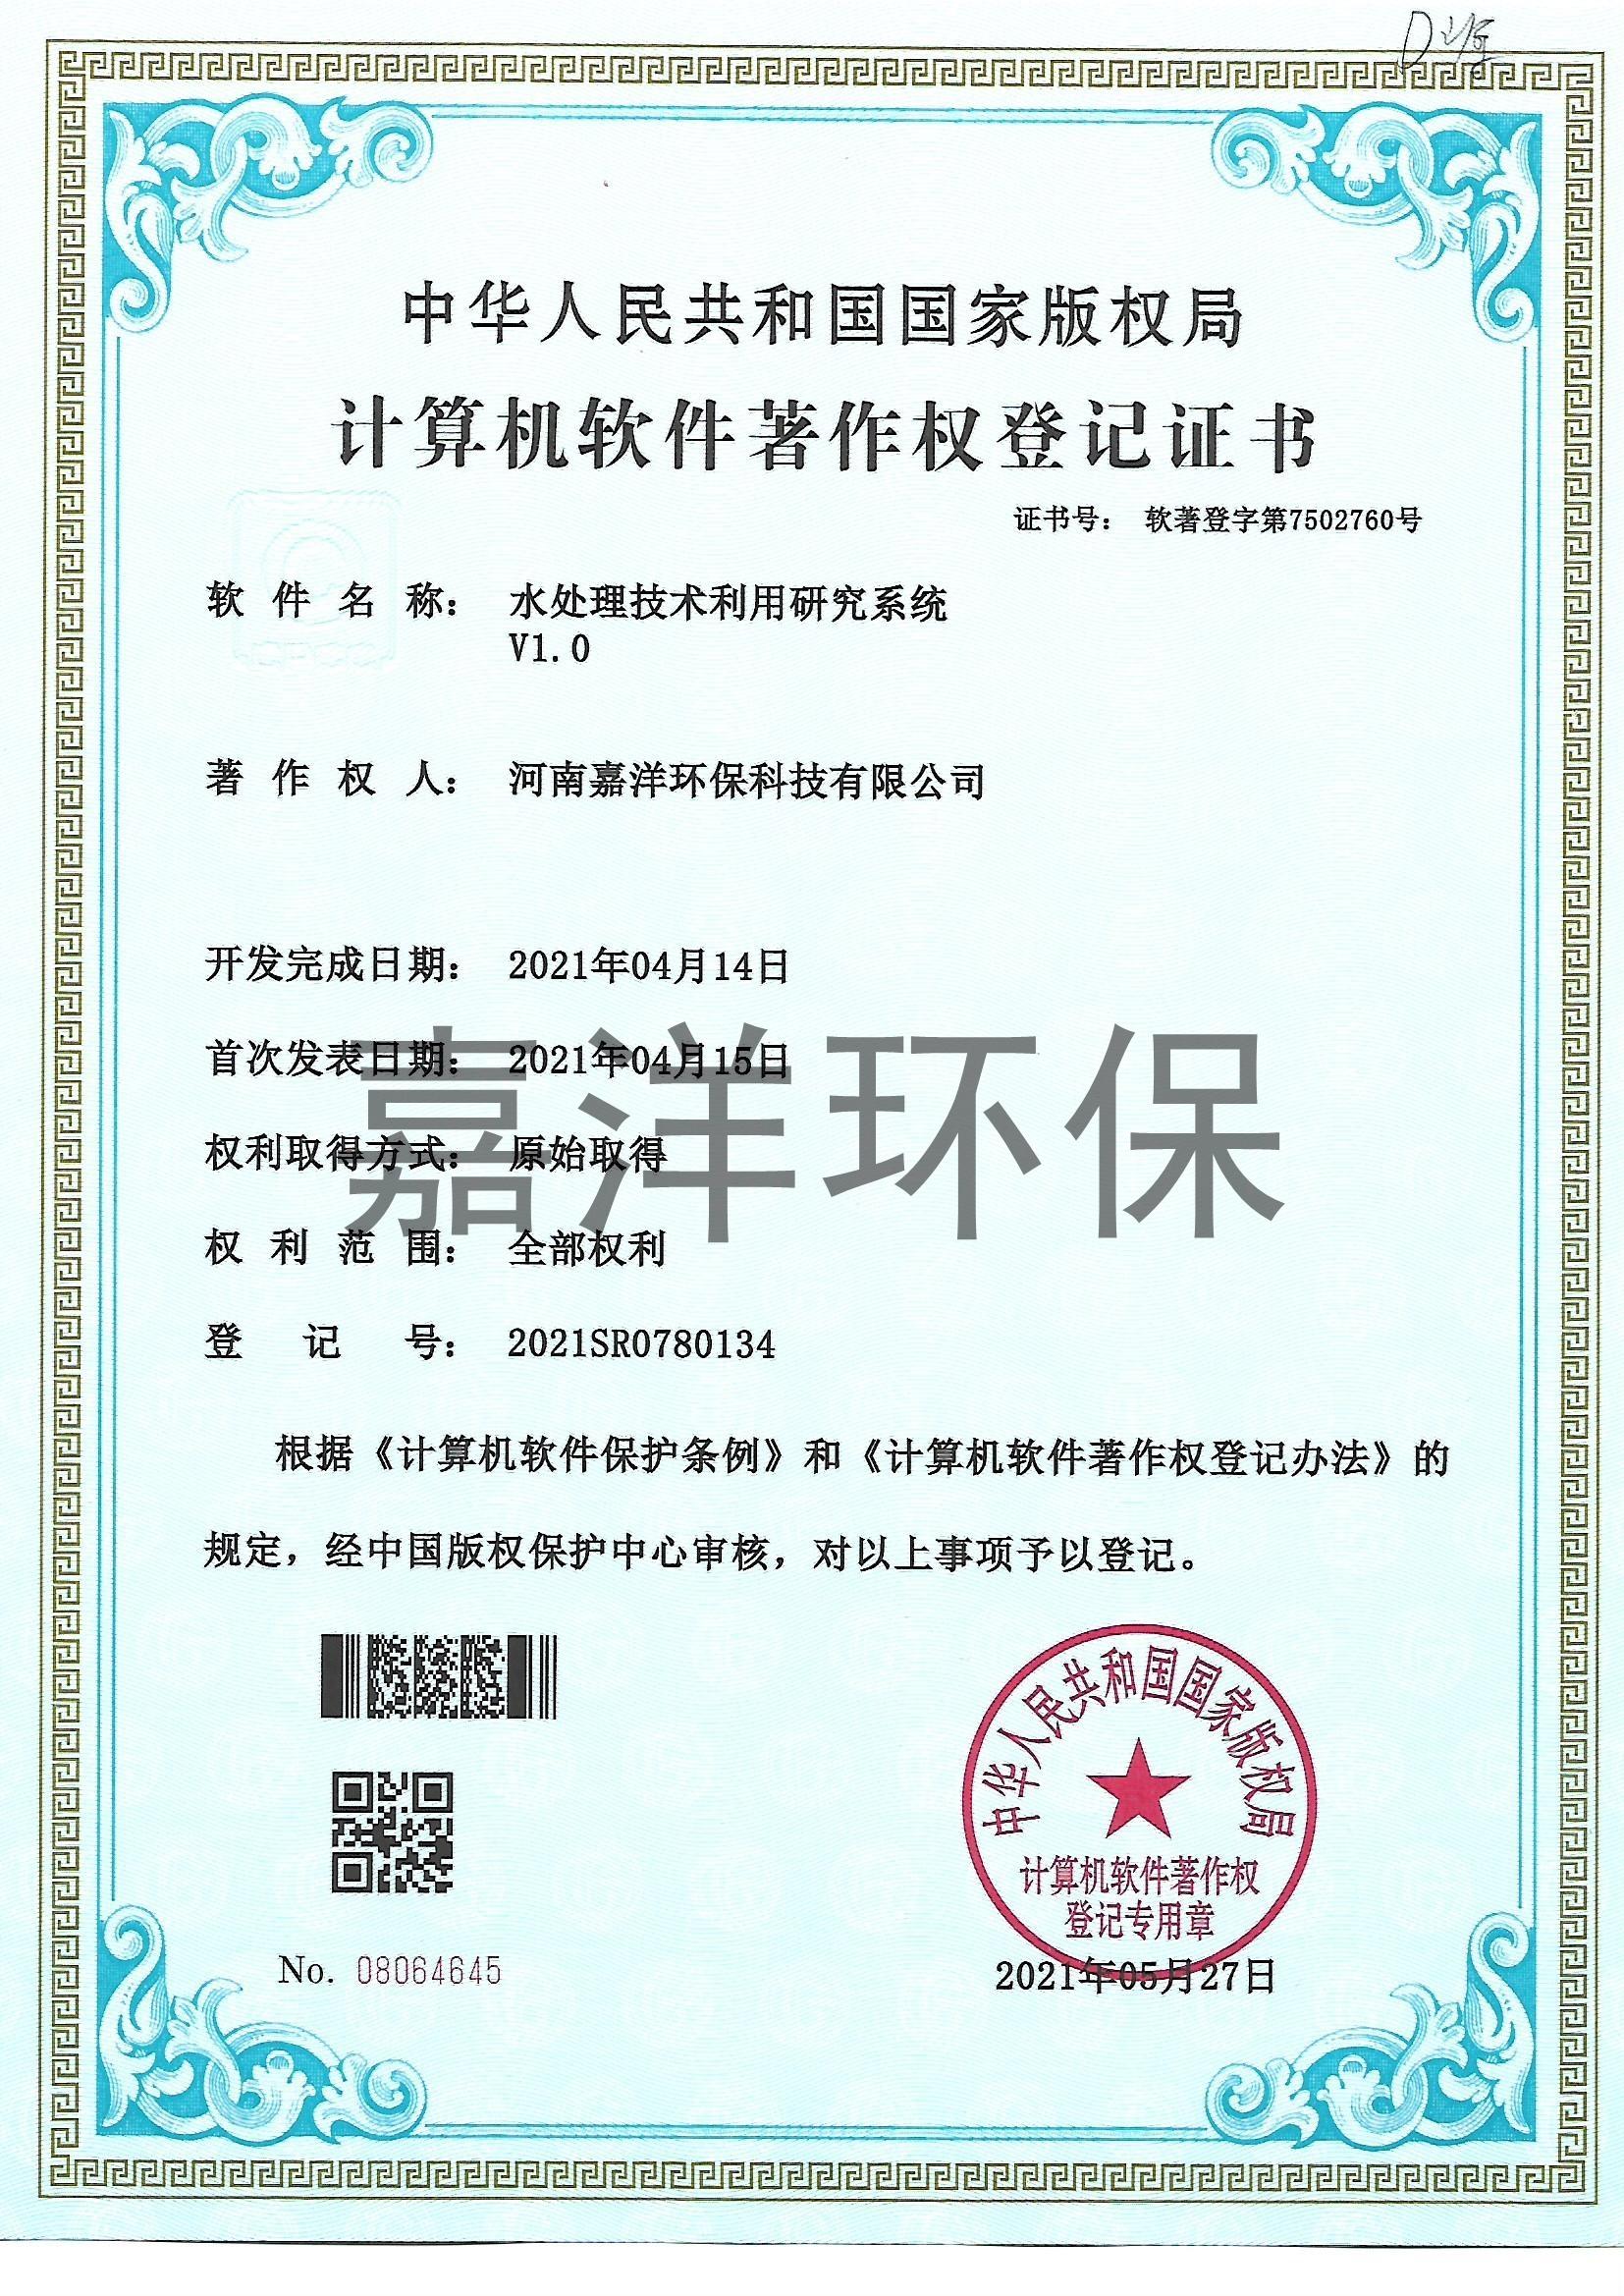 公司获得水处理技术利用研究系统软件著作权登记证书